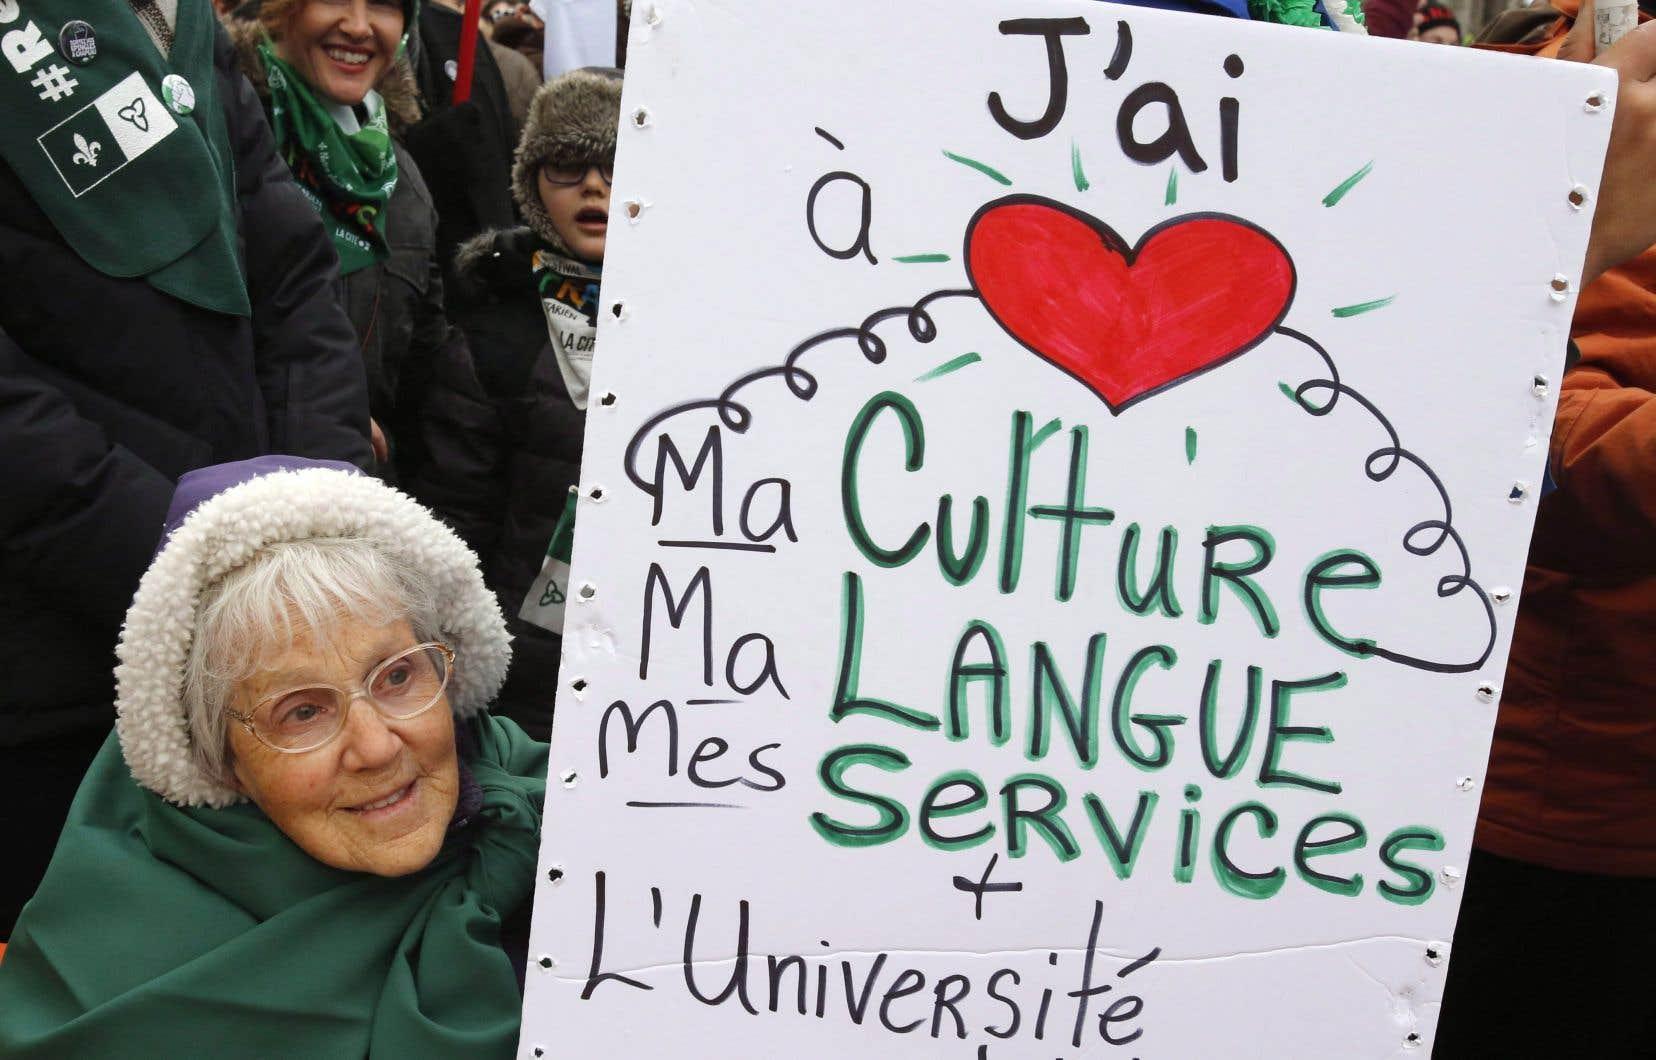 En décembre dernier, des Franco-Ontariens manifestaient contre la suppression de services en français dans la province.